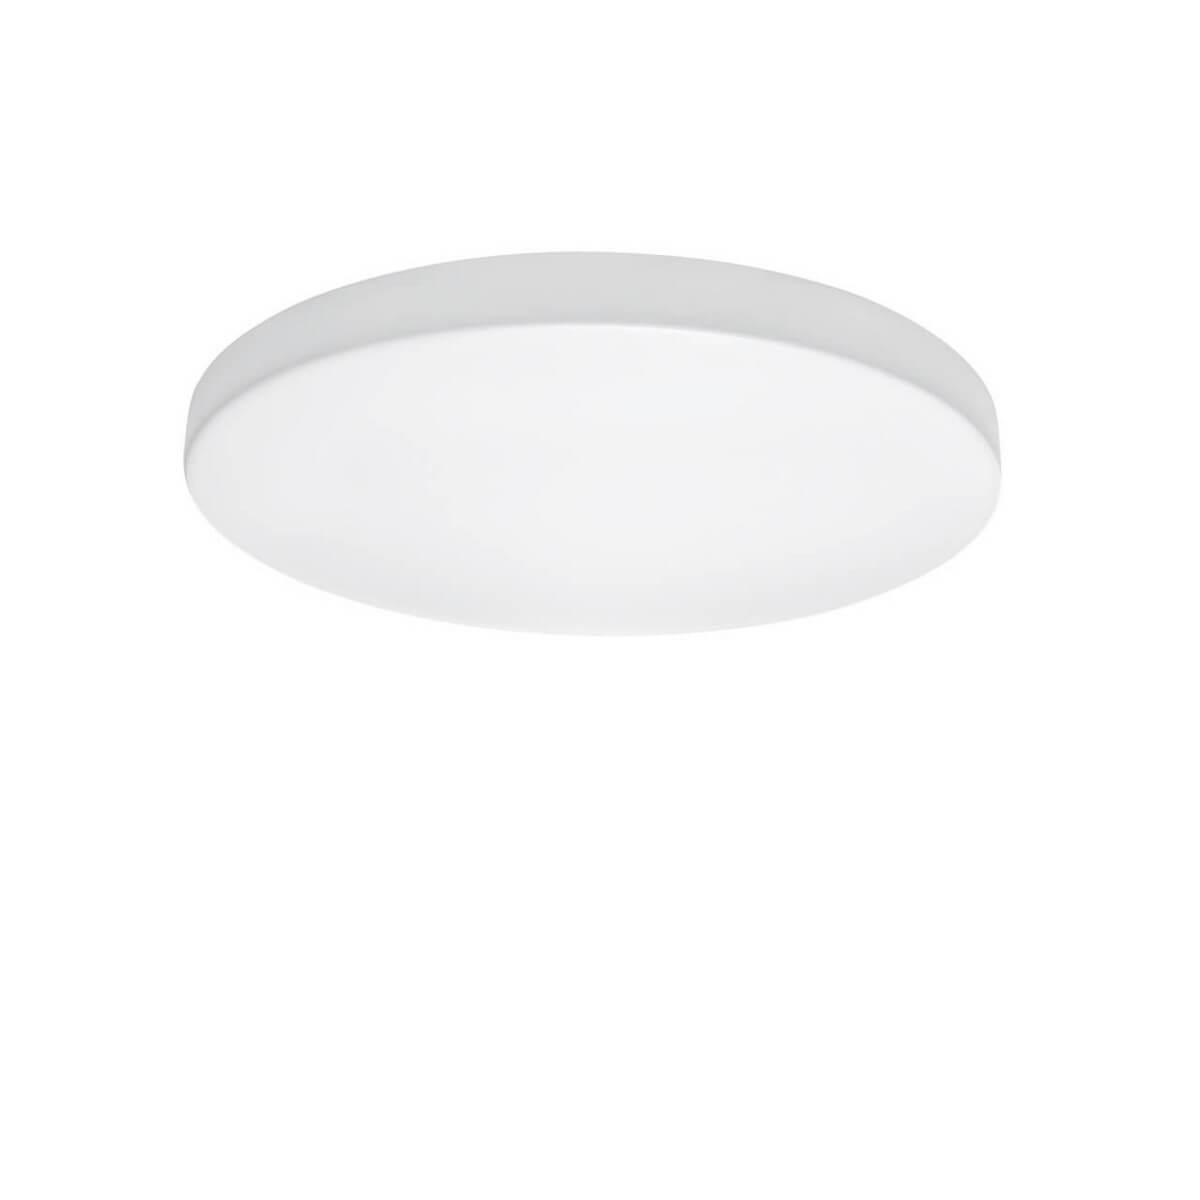 Накладной светильник Lightstar 225204, LED, 20 Вт